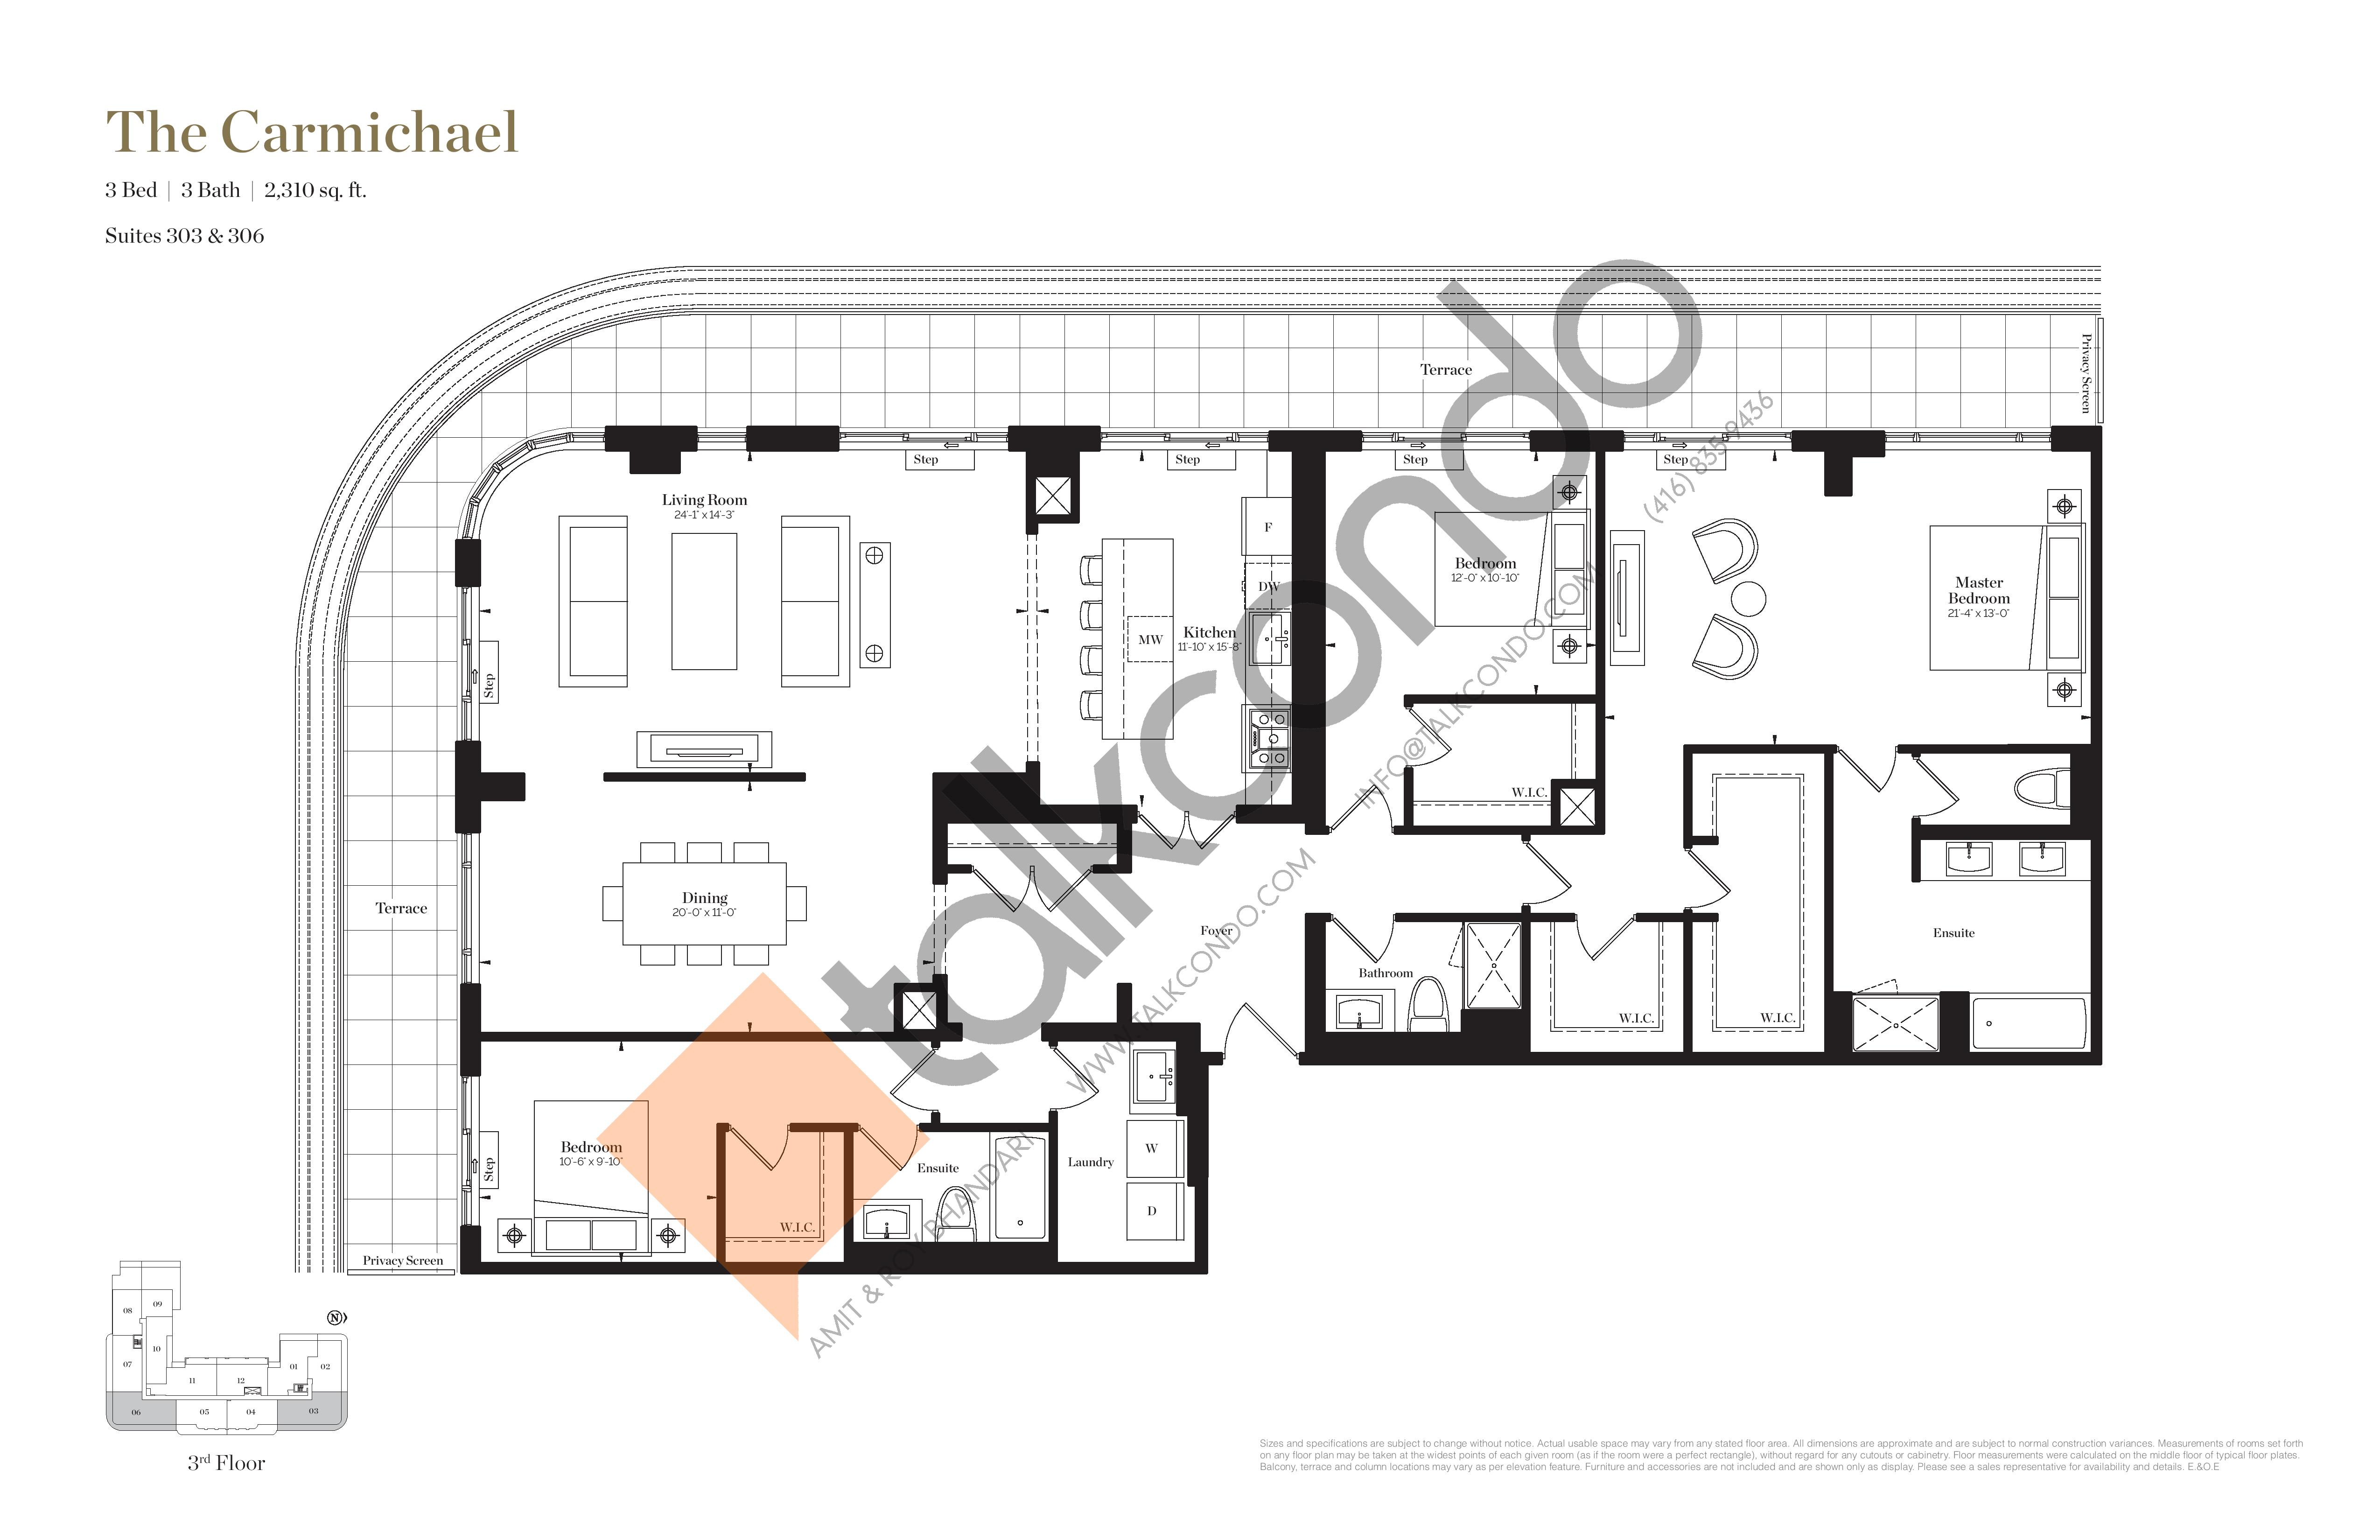 The Carmichael Floor Plan at Empire Maven Condos - 2310 sq.ft